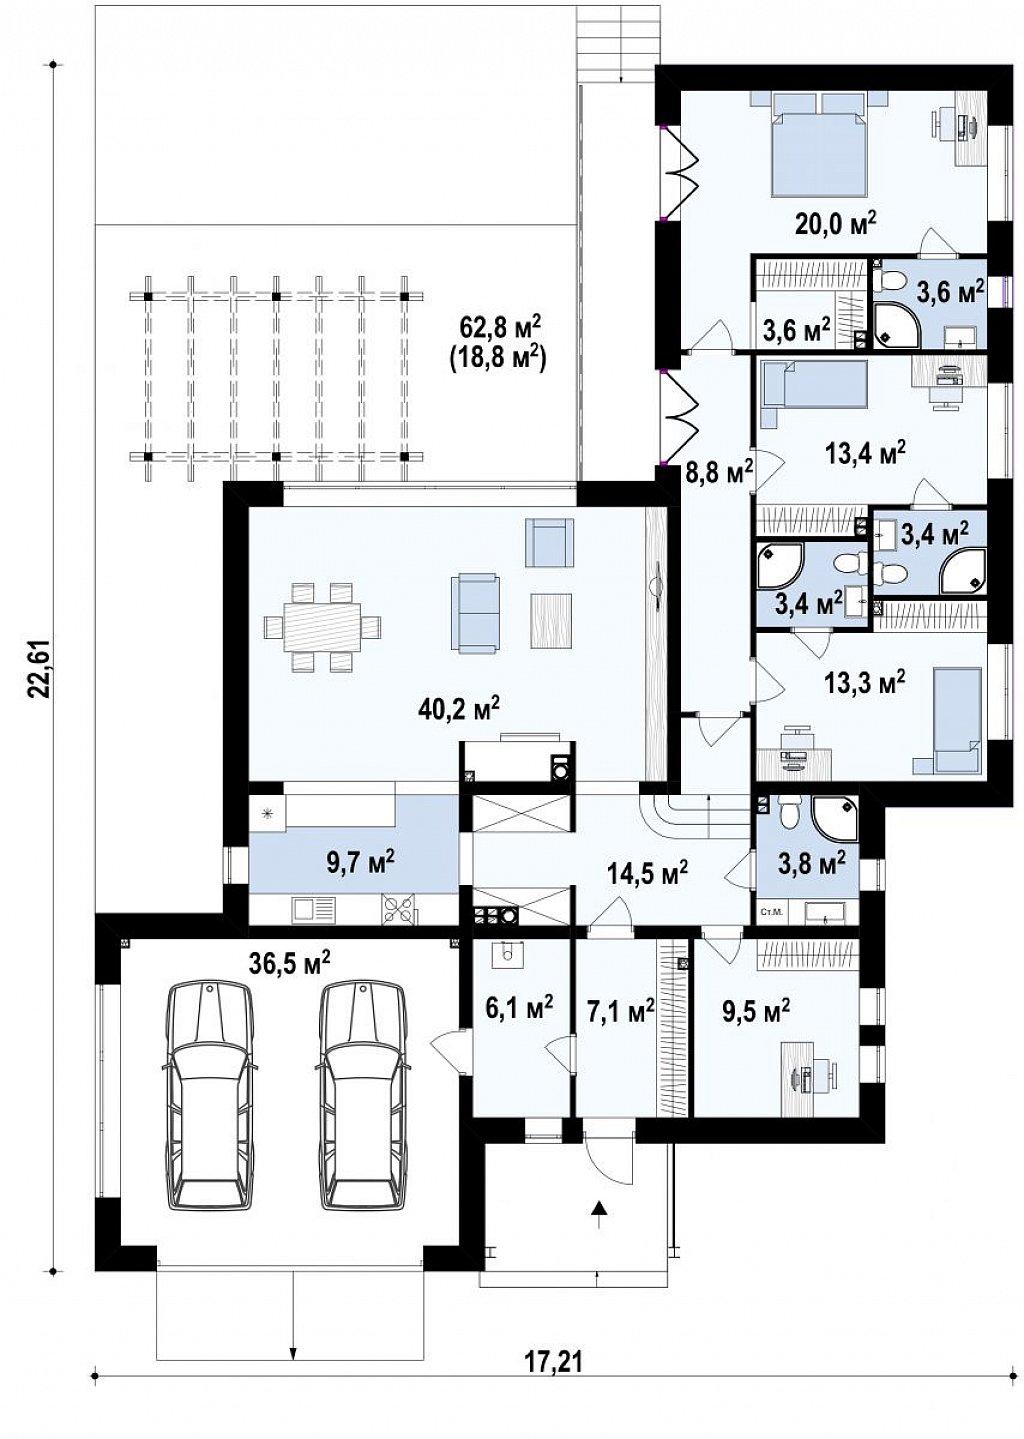 Одноэтажный дом с плоской кровлей адаптированный под строительство в сейсмических районах план помещений 1